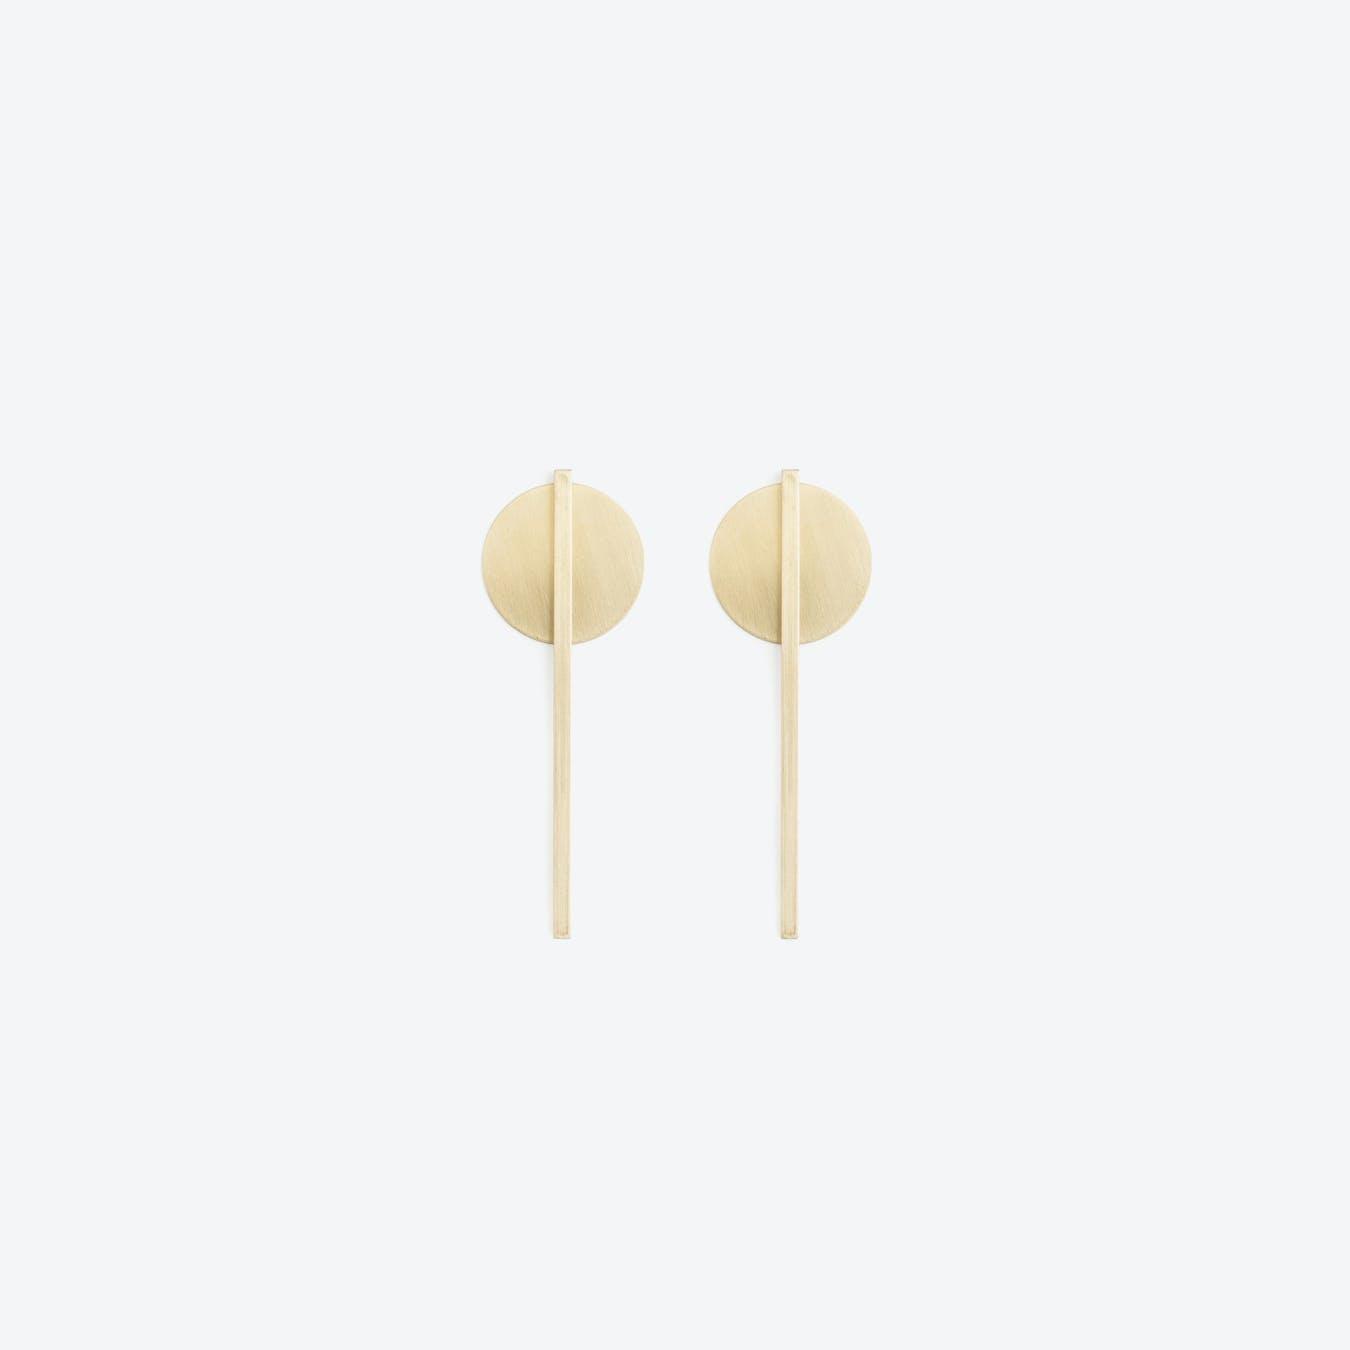 THEO Earrings N°1 / Brass